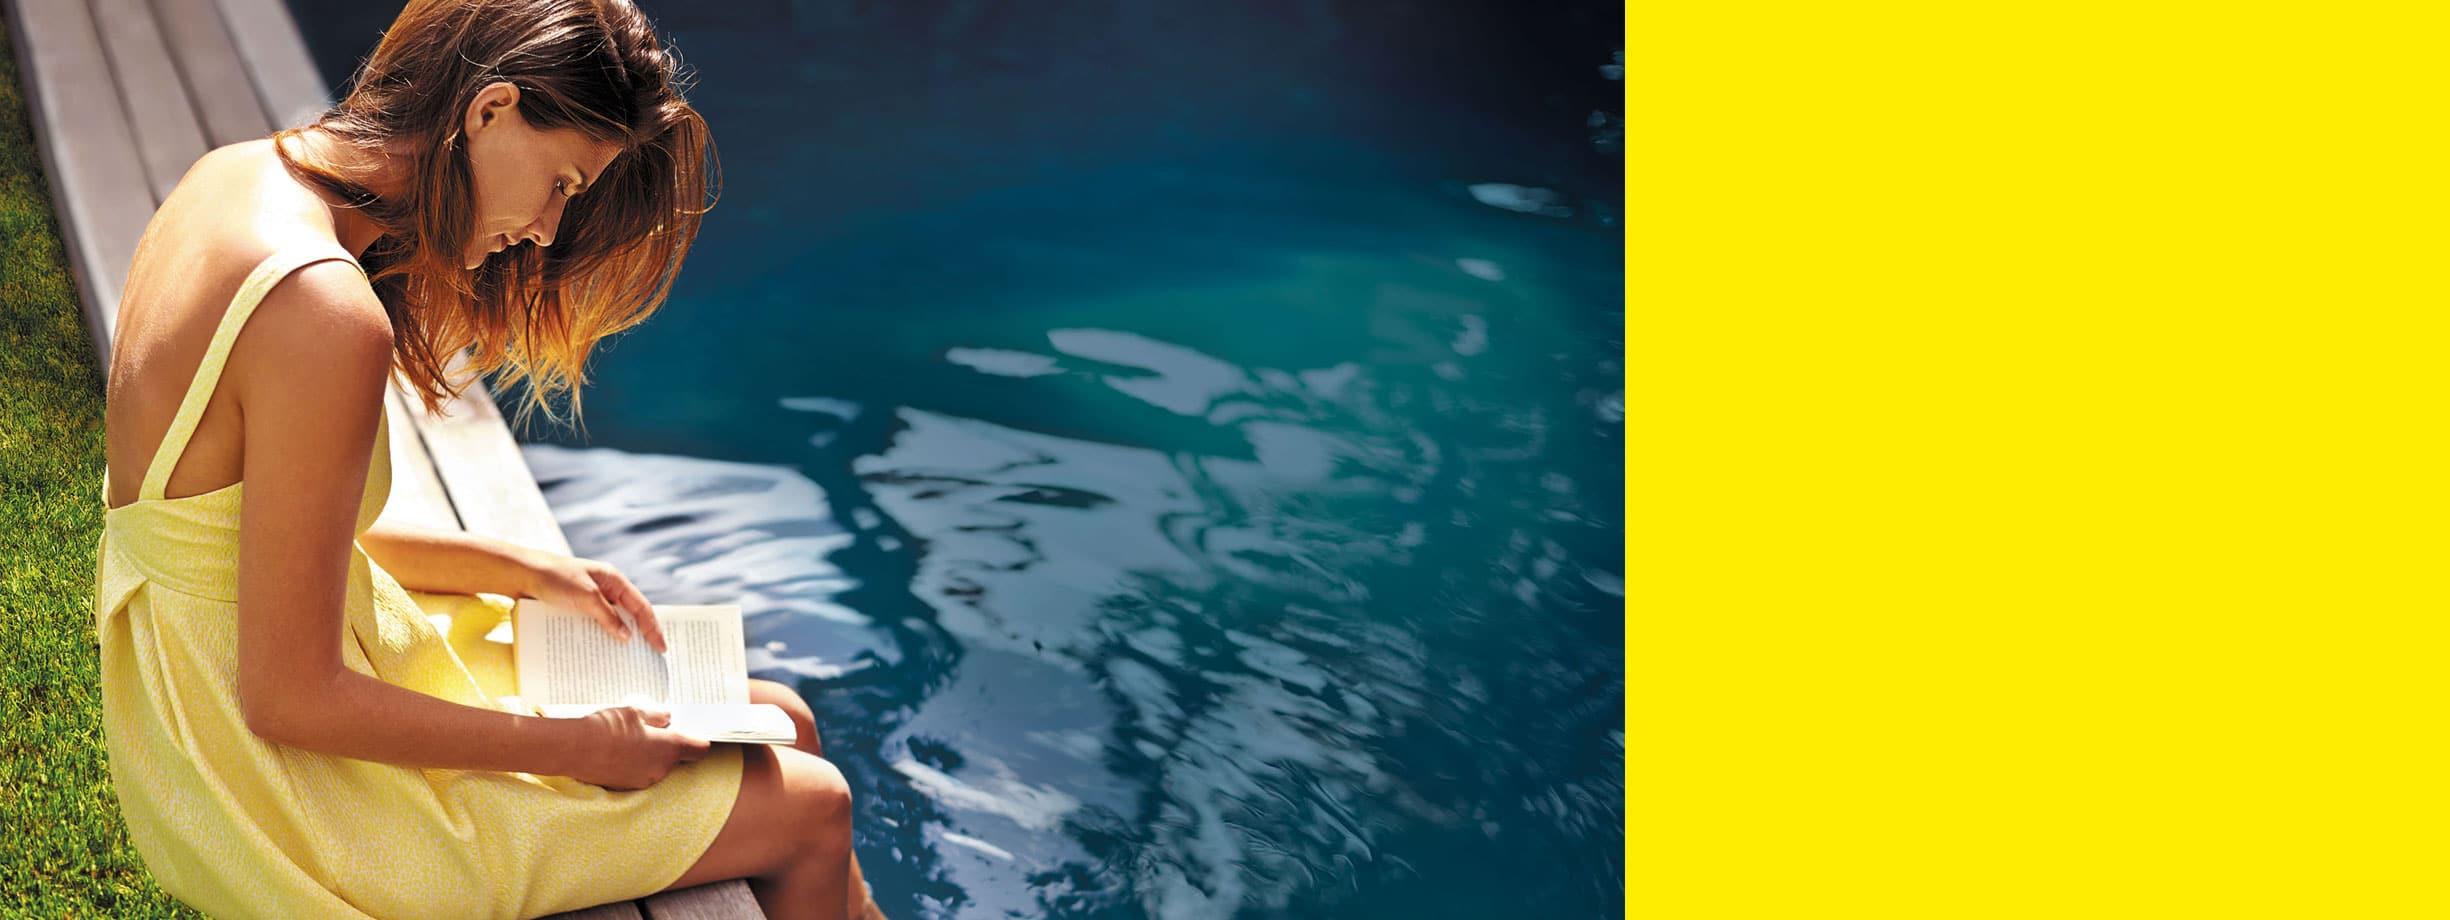 equipez-votre-bassin-bandeau-promo Contactez-nous